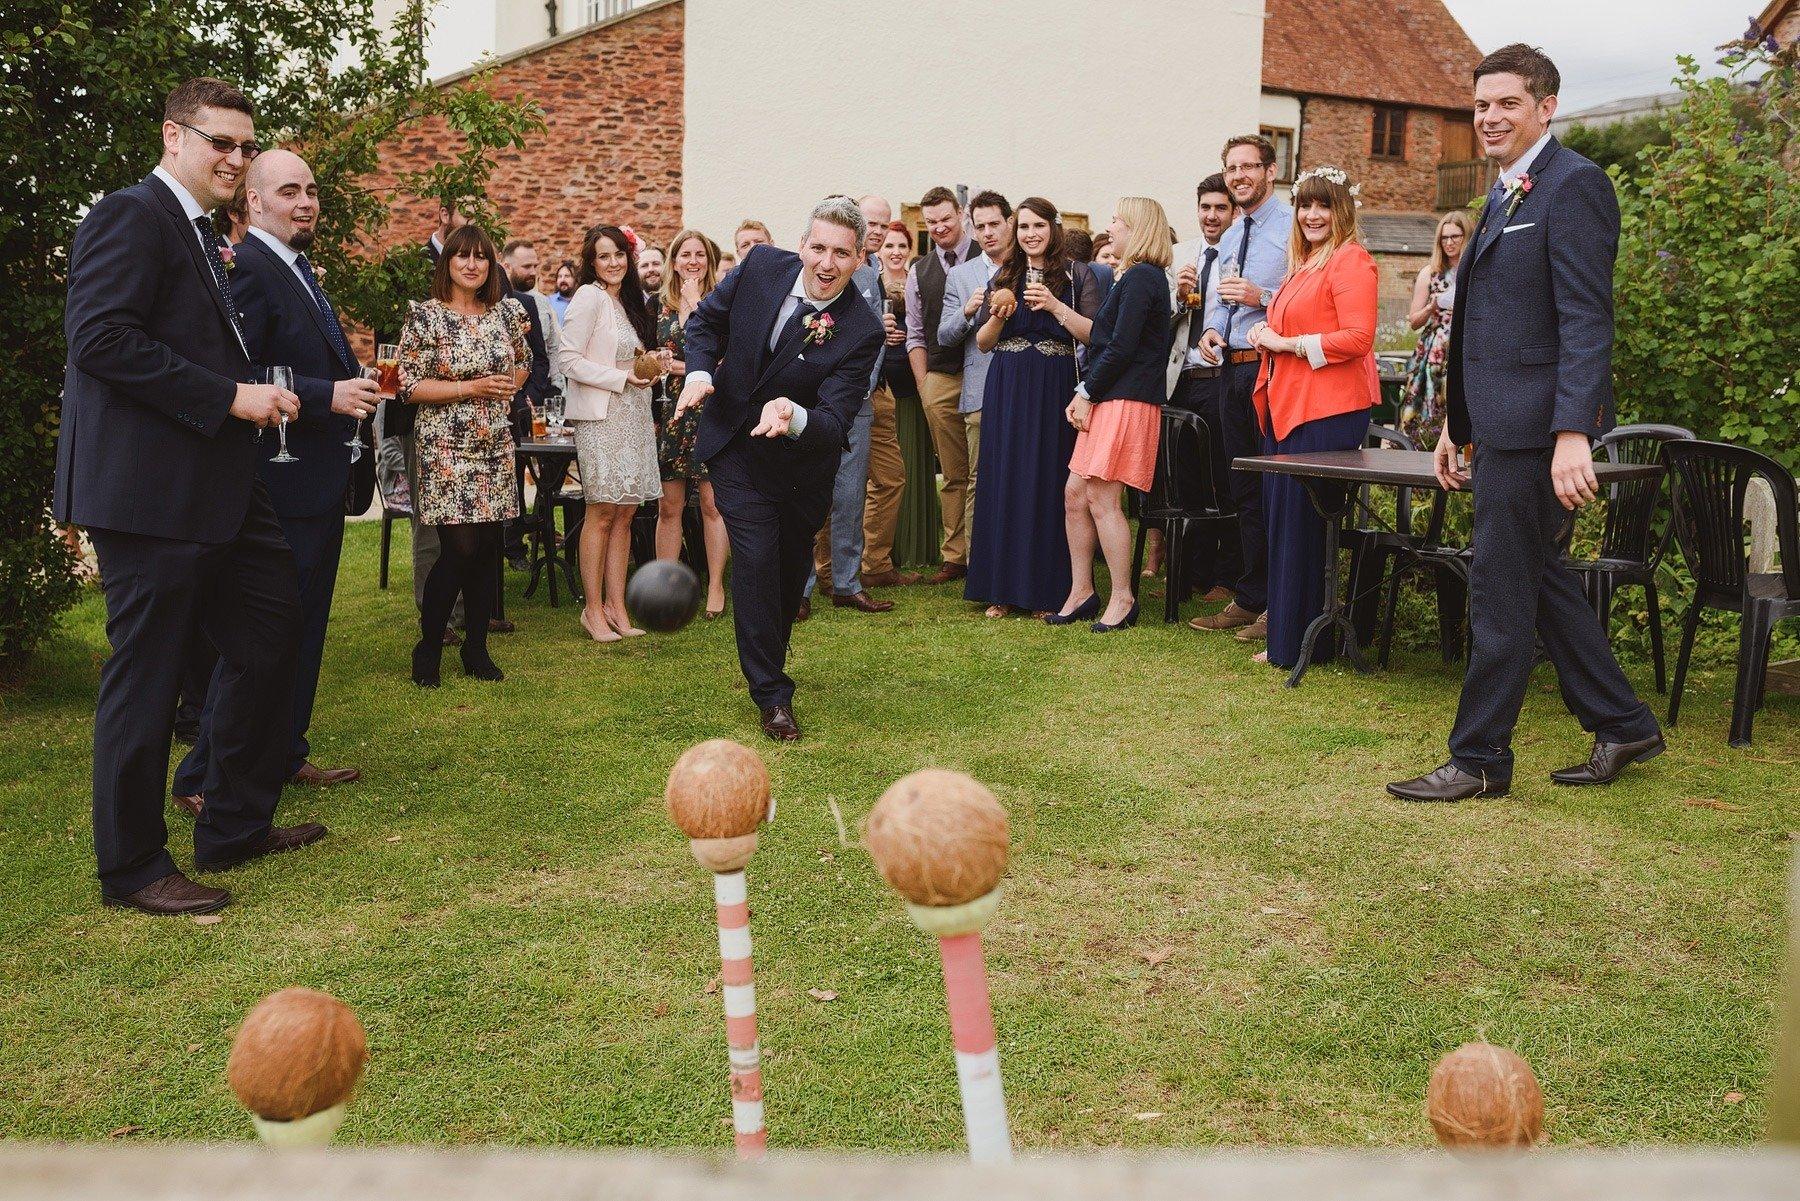 coconut shy at huntstile farm wedding